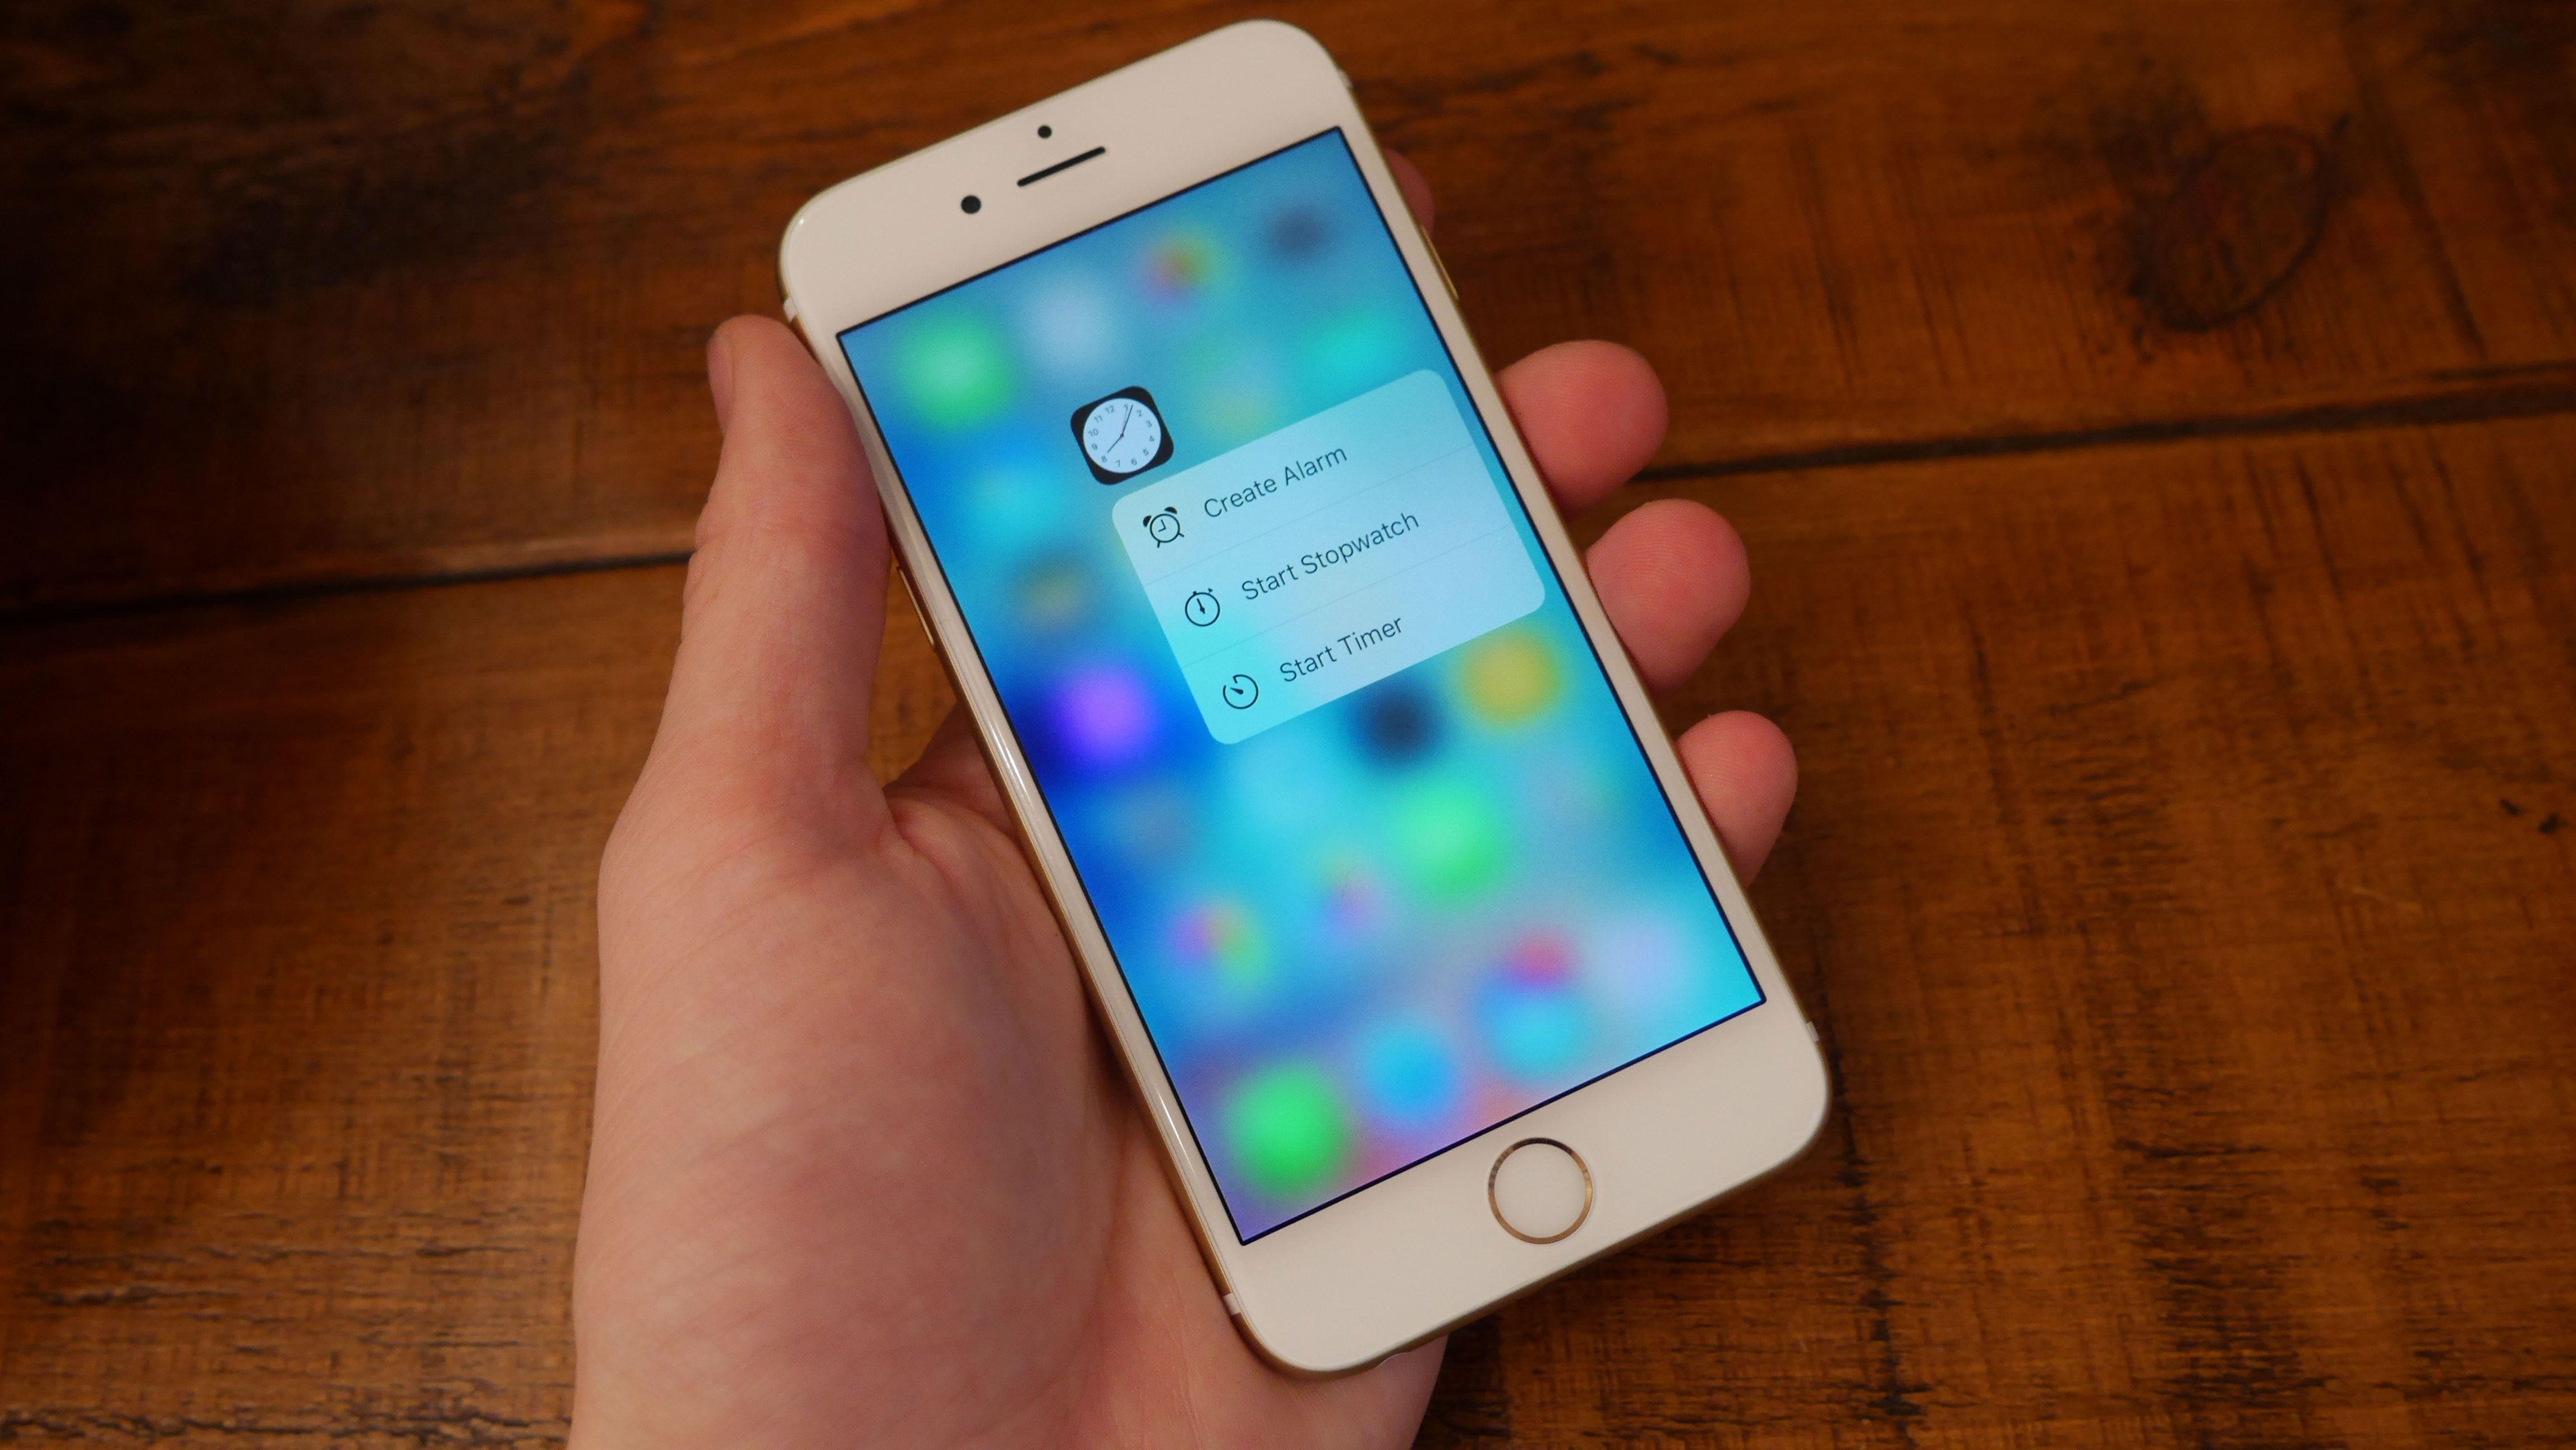 Spy on iPhone Using Apple Id